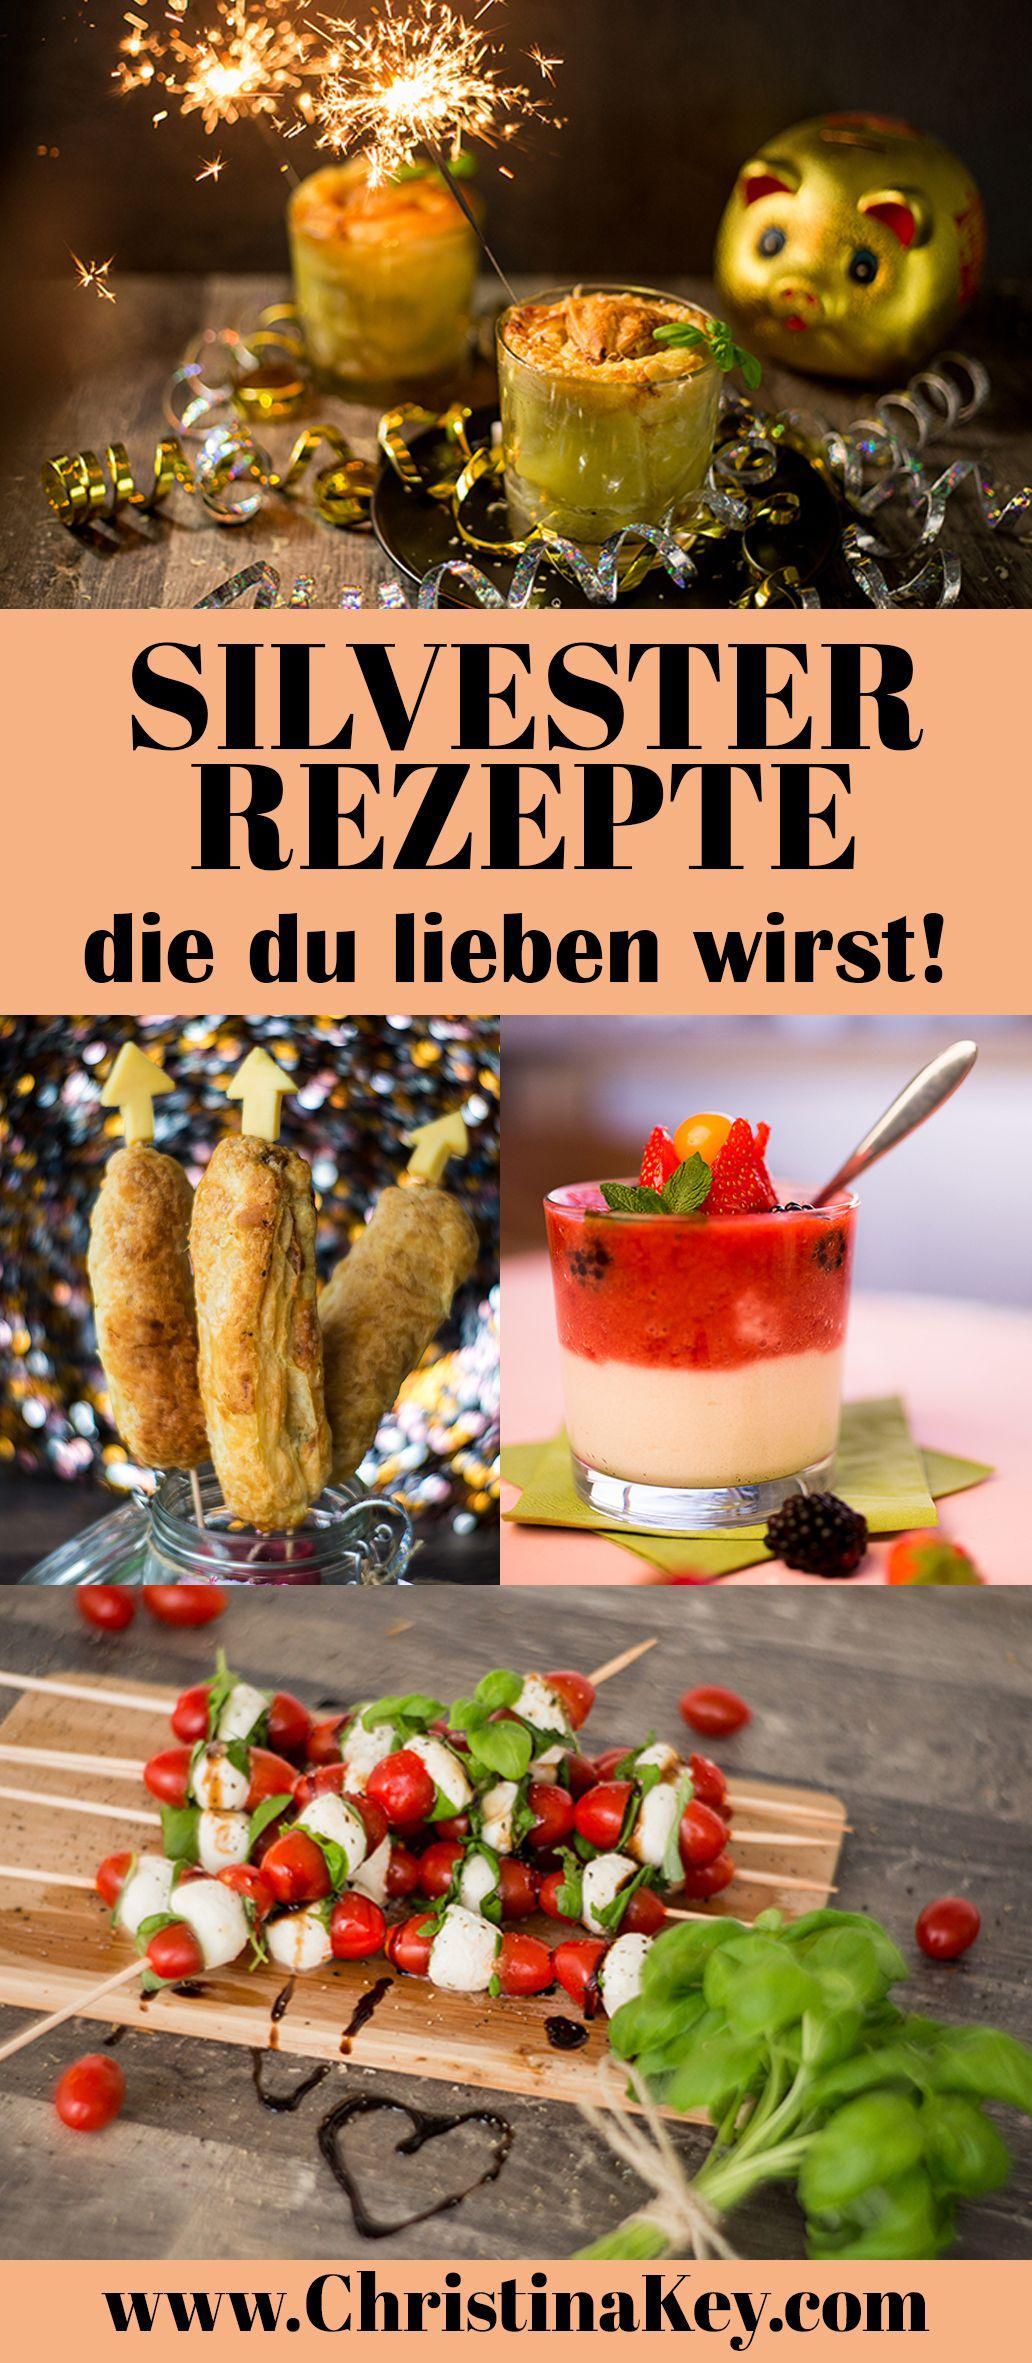 Rezept Idee für Silvester - Köstliche Rezepte für Silvester die Du lieben wirst! Wow Faktor und Geschmackserlebnis garantiert! ! Jetzt entdecken auf CHRISTINA KEY - dem Fotografie, Blogger Tipps, Rezepte, Mode und DIY Blog aus Berlin, Deutschland #newyearsevefood